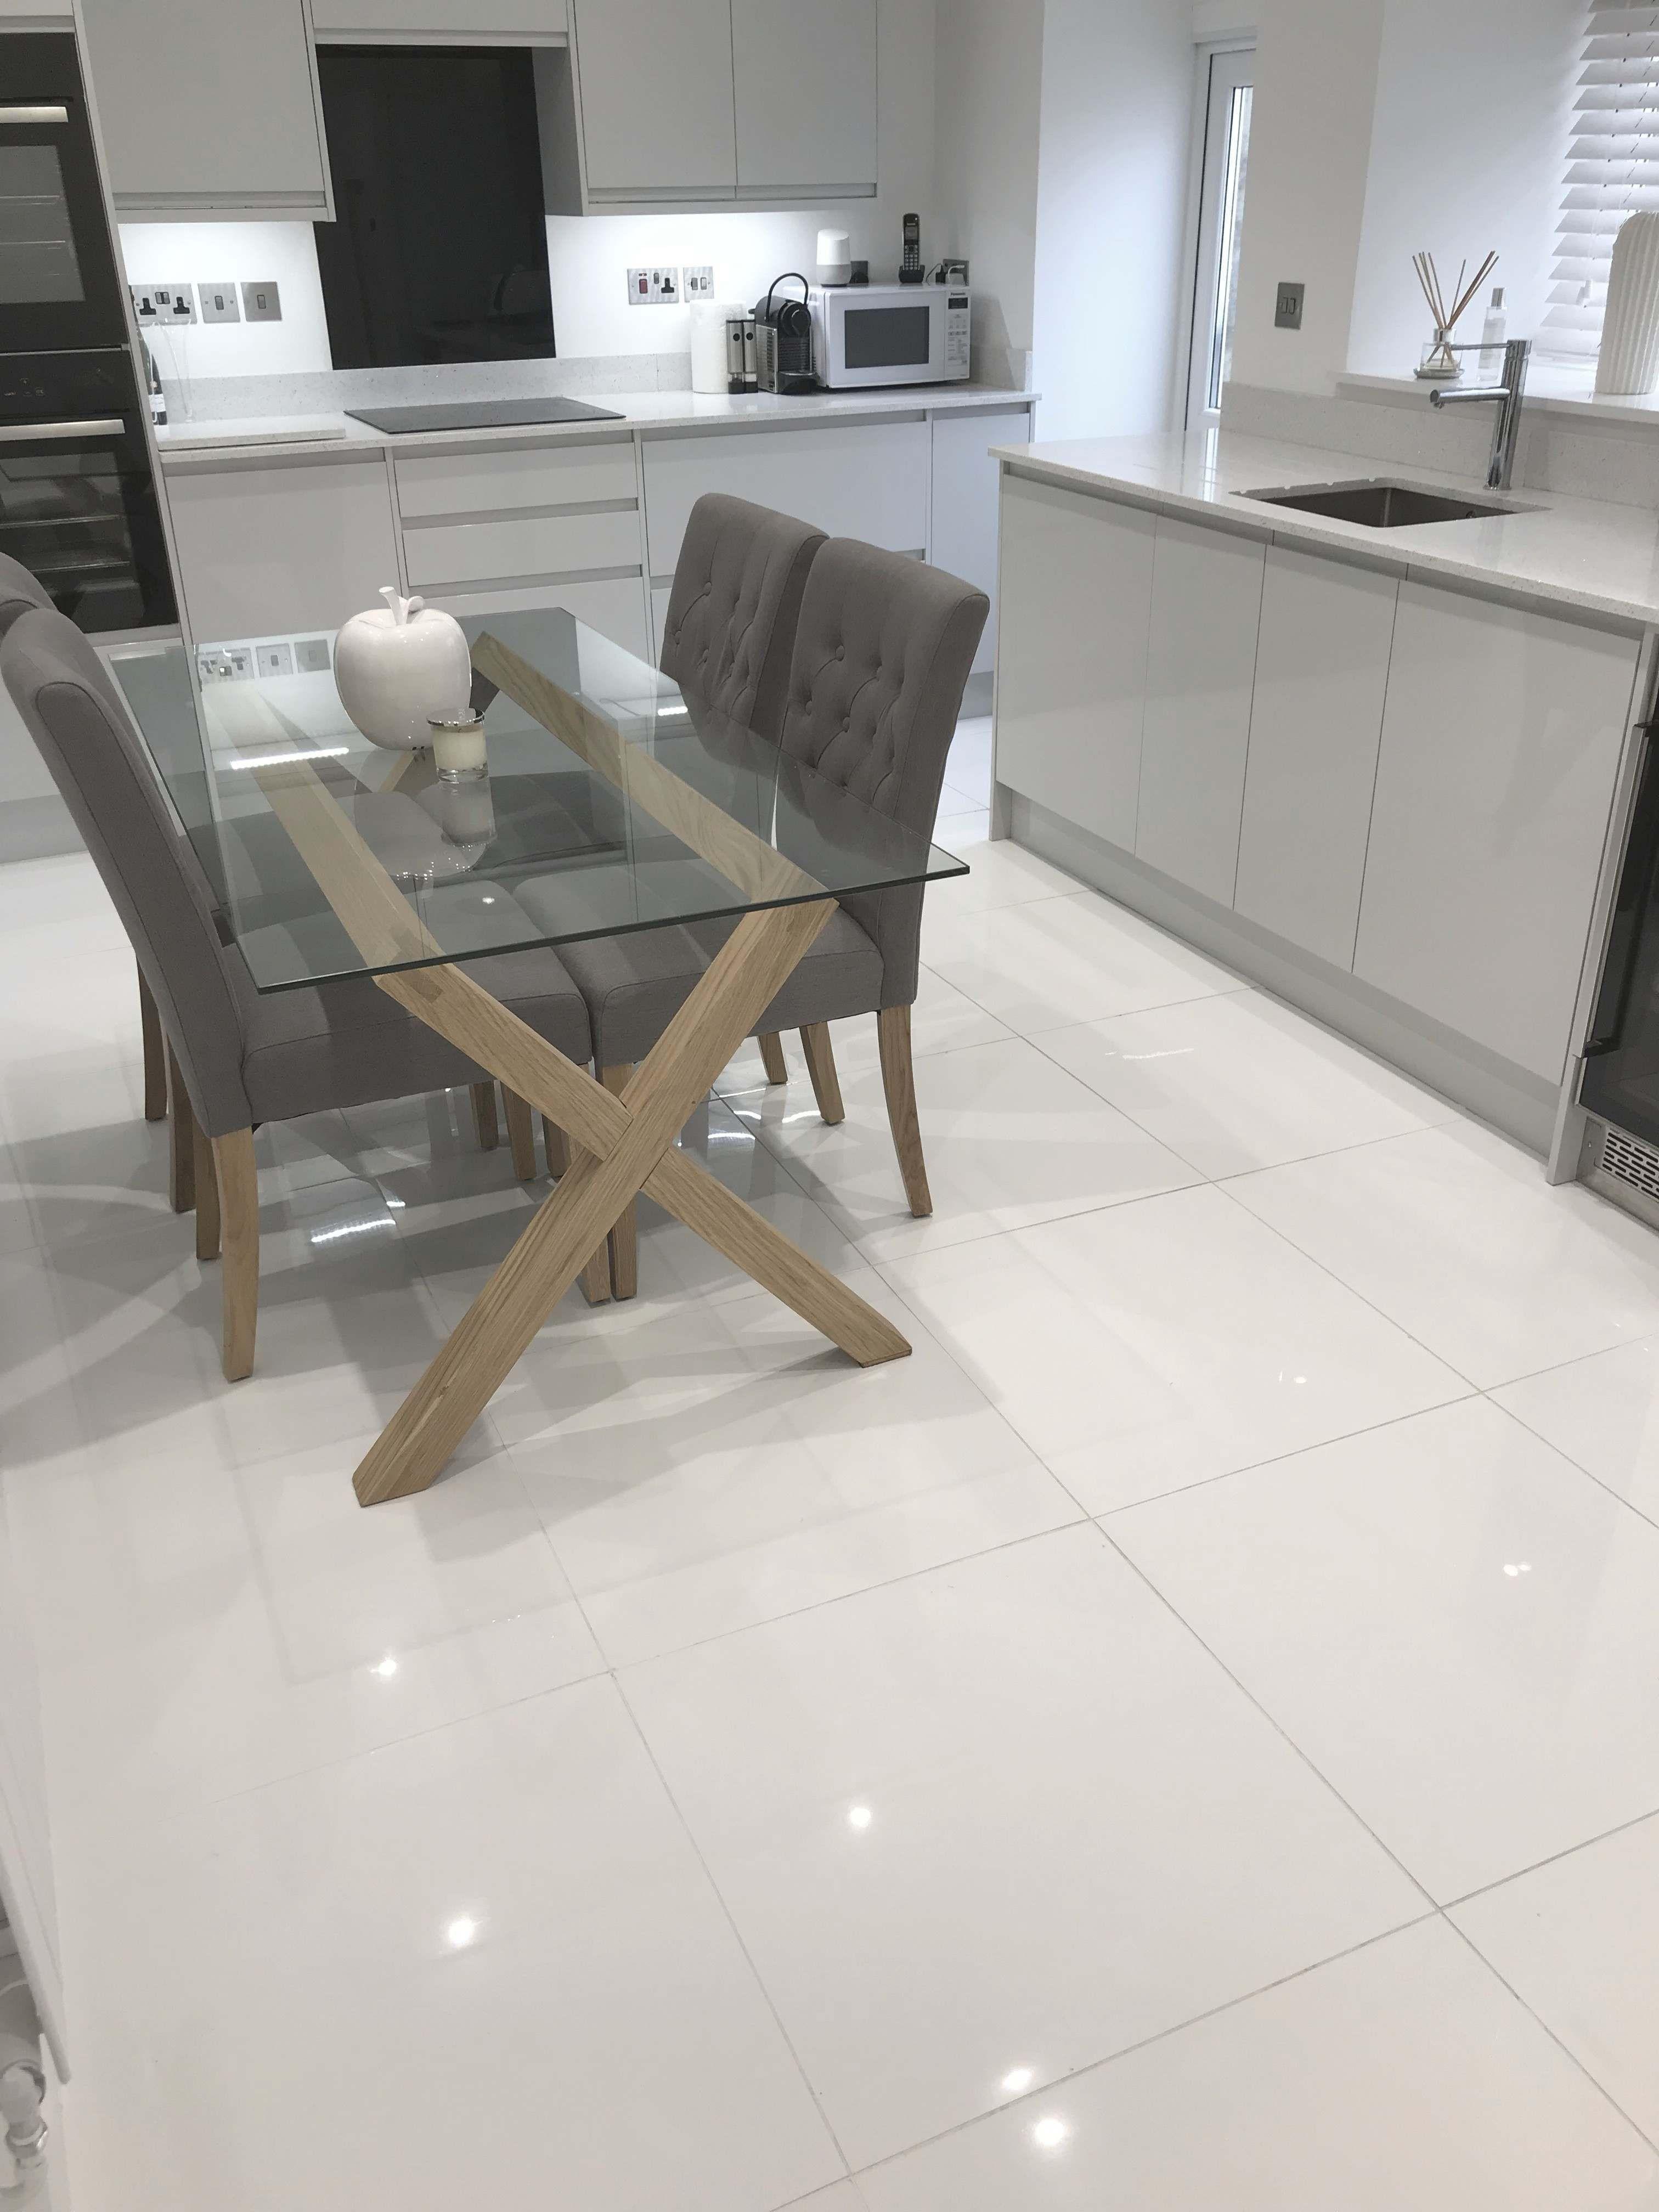 Extreme White Polished Porcelain Floor Tile Kitchen Floor Tiles